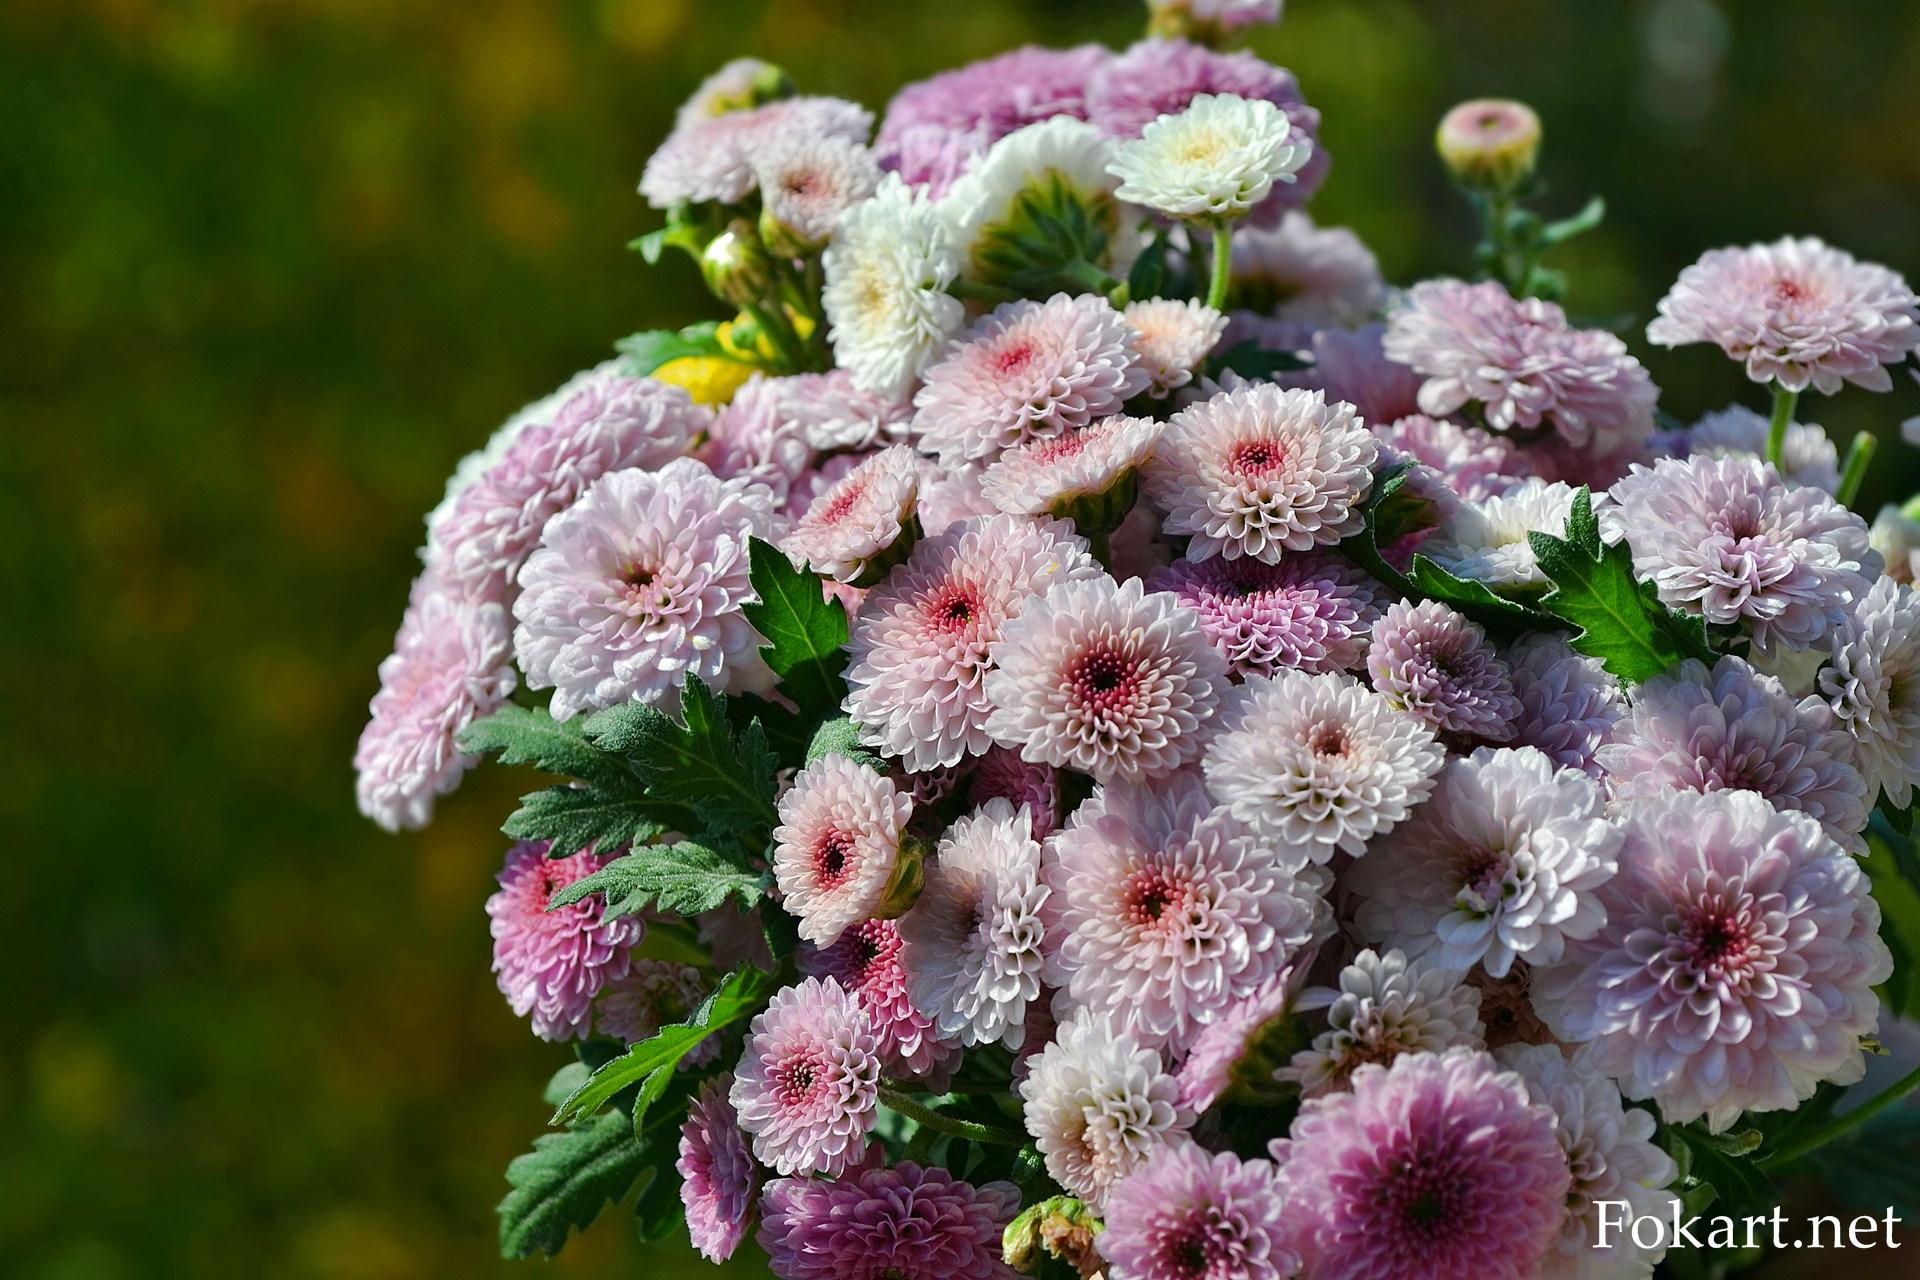 Милый букетик с очень мелкими розоватыми хризантемами